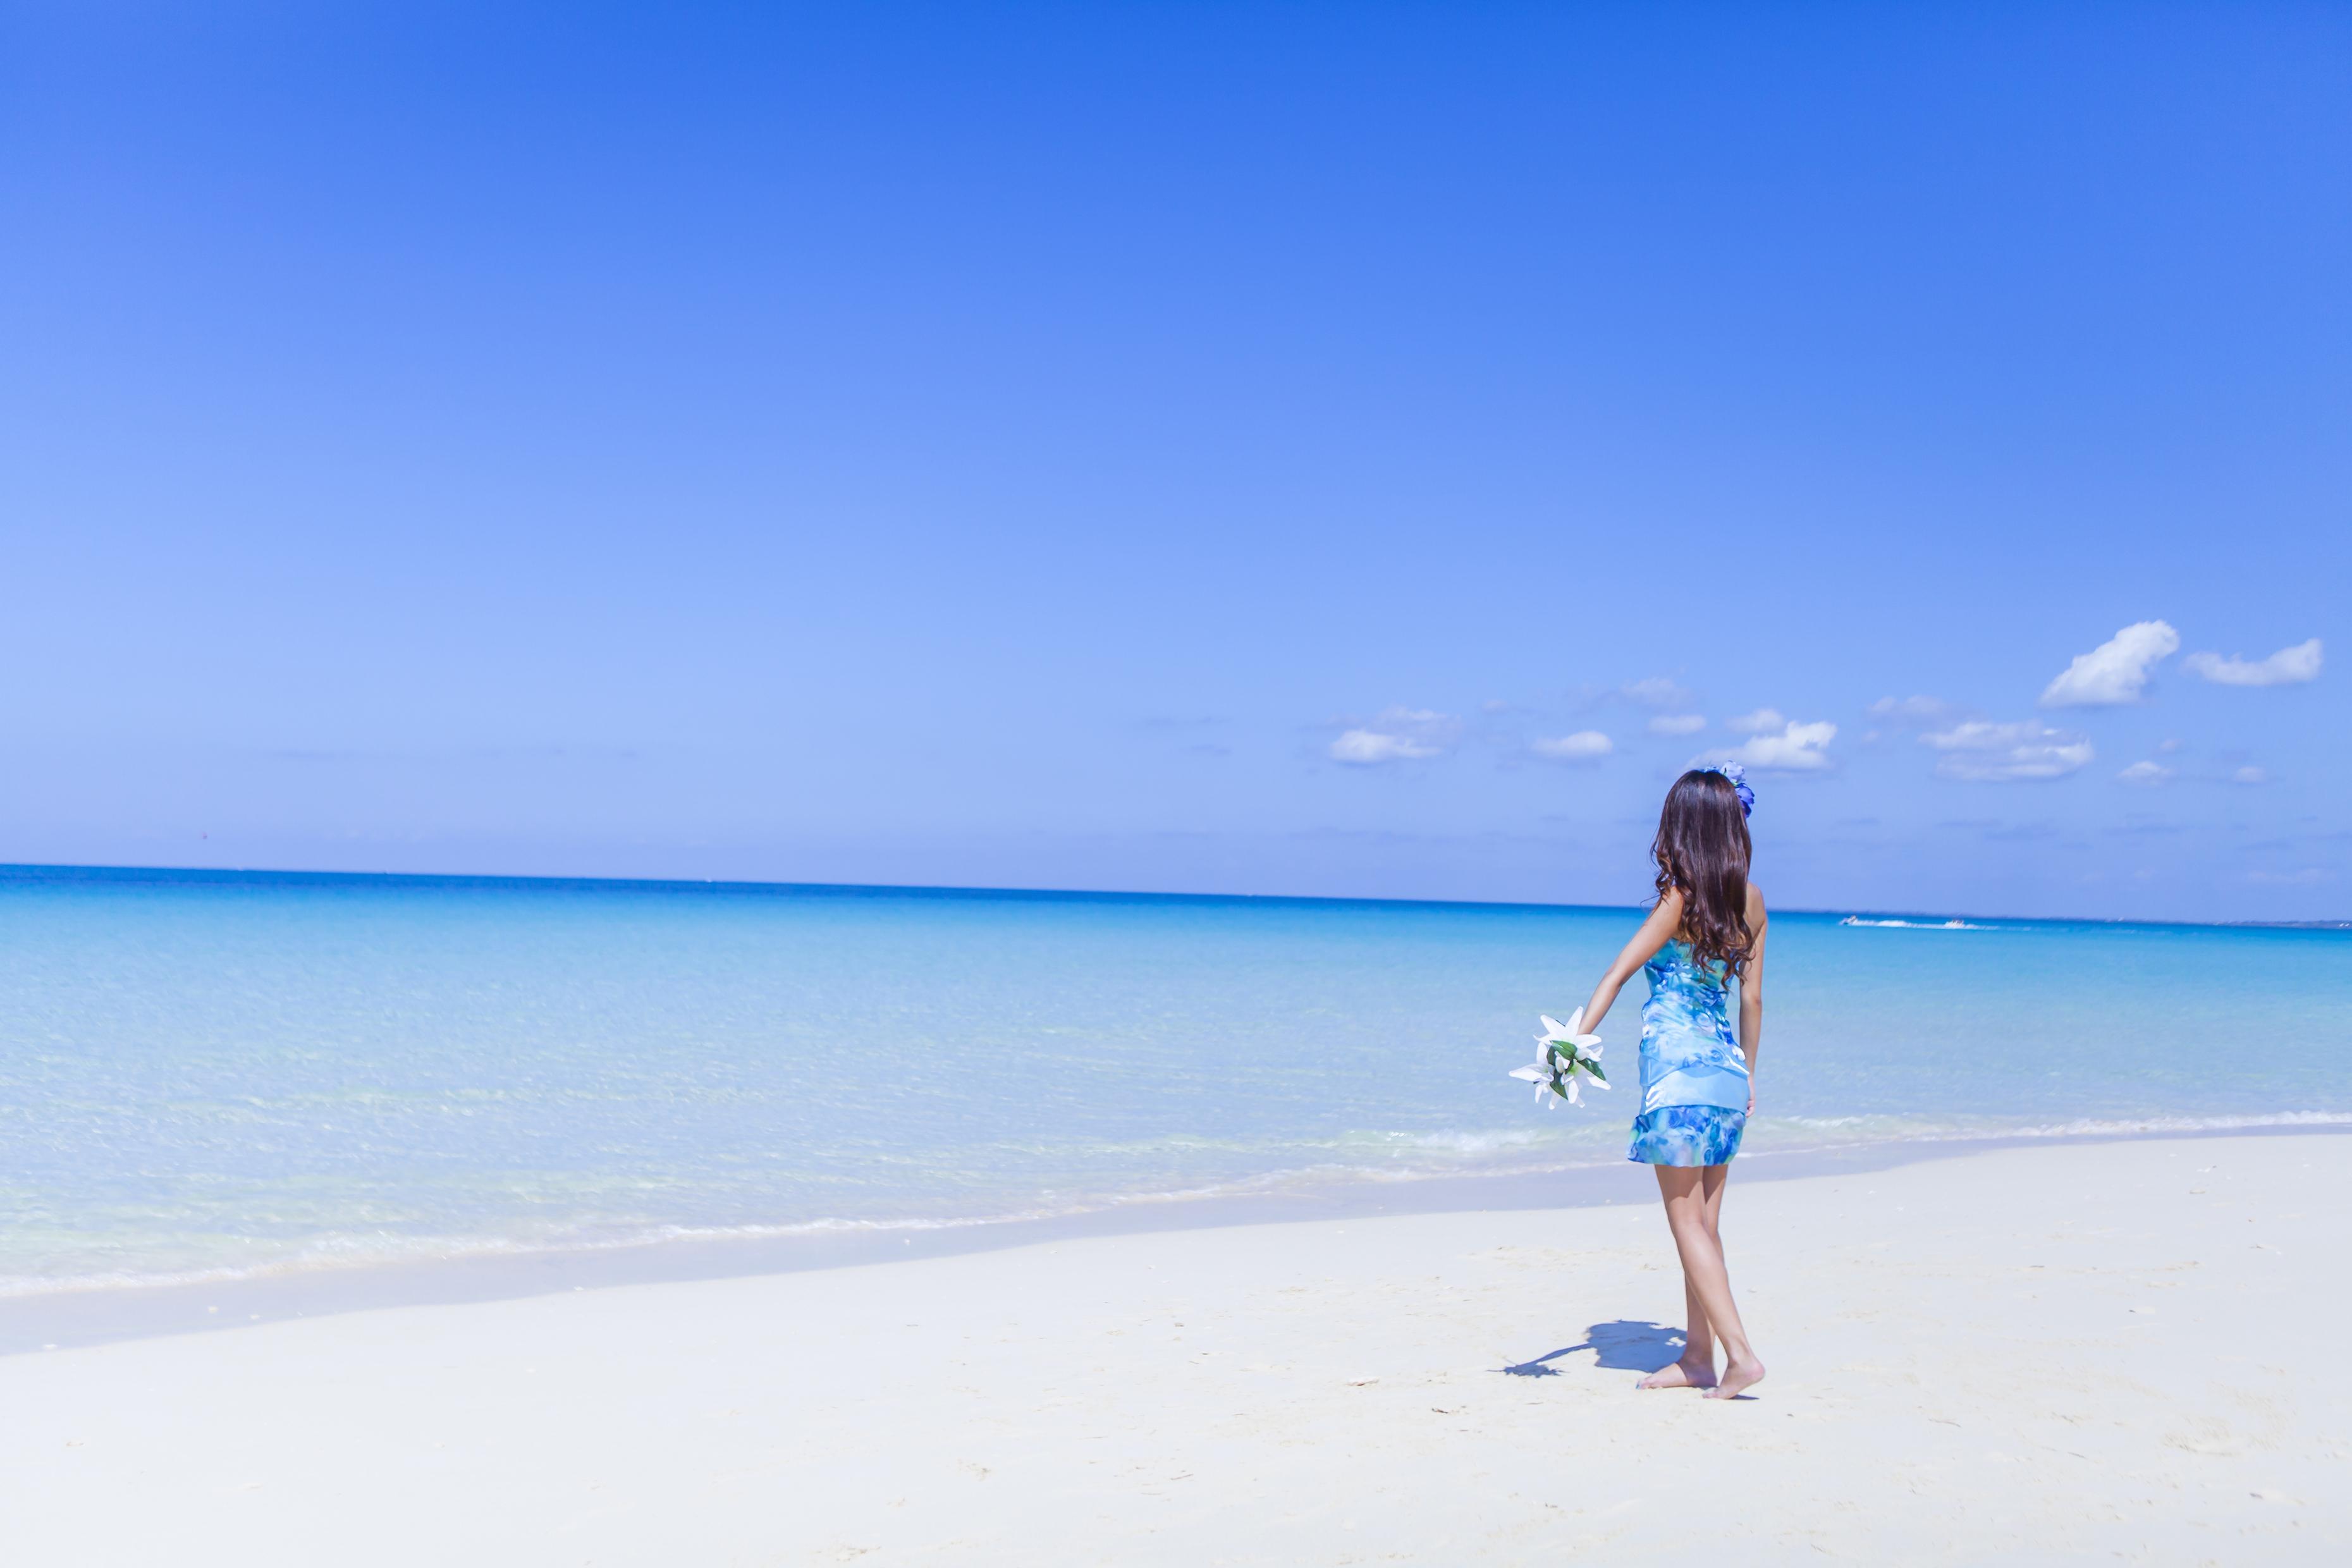 宮古島の海は世界No. 1だと思う。今まで行ったどんなビーチよりも美しい。